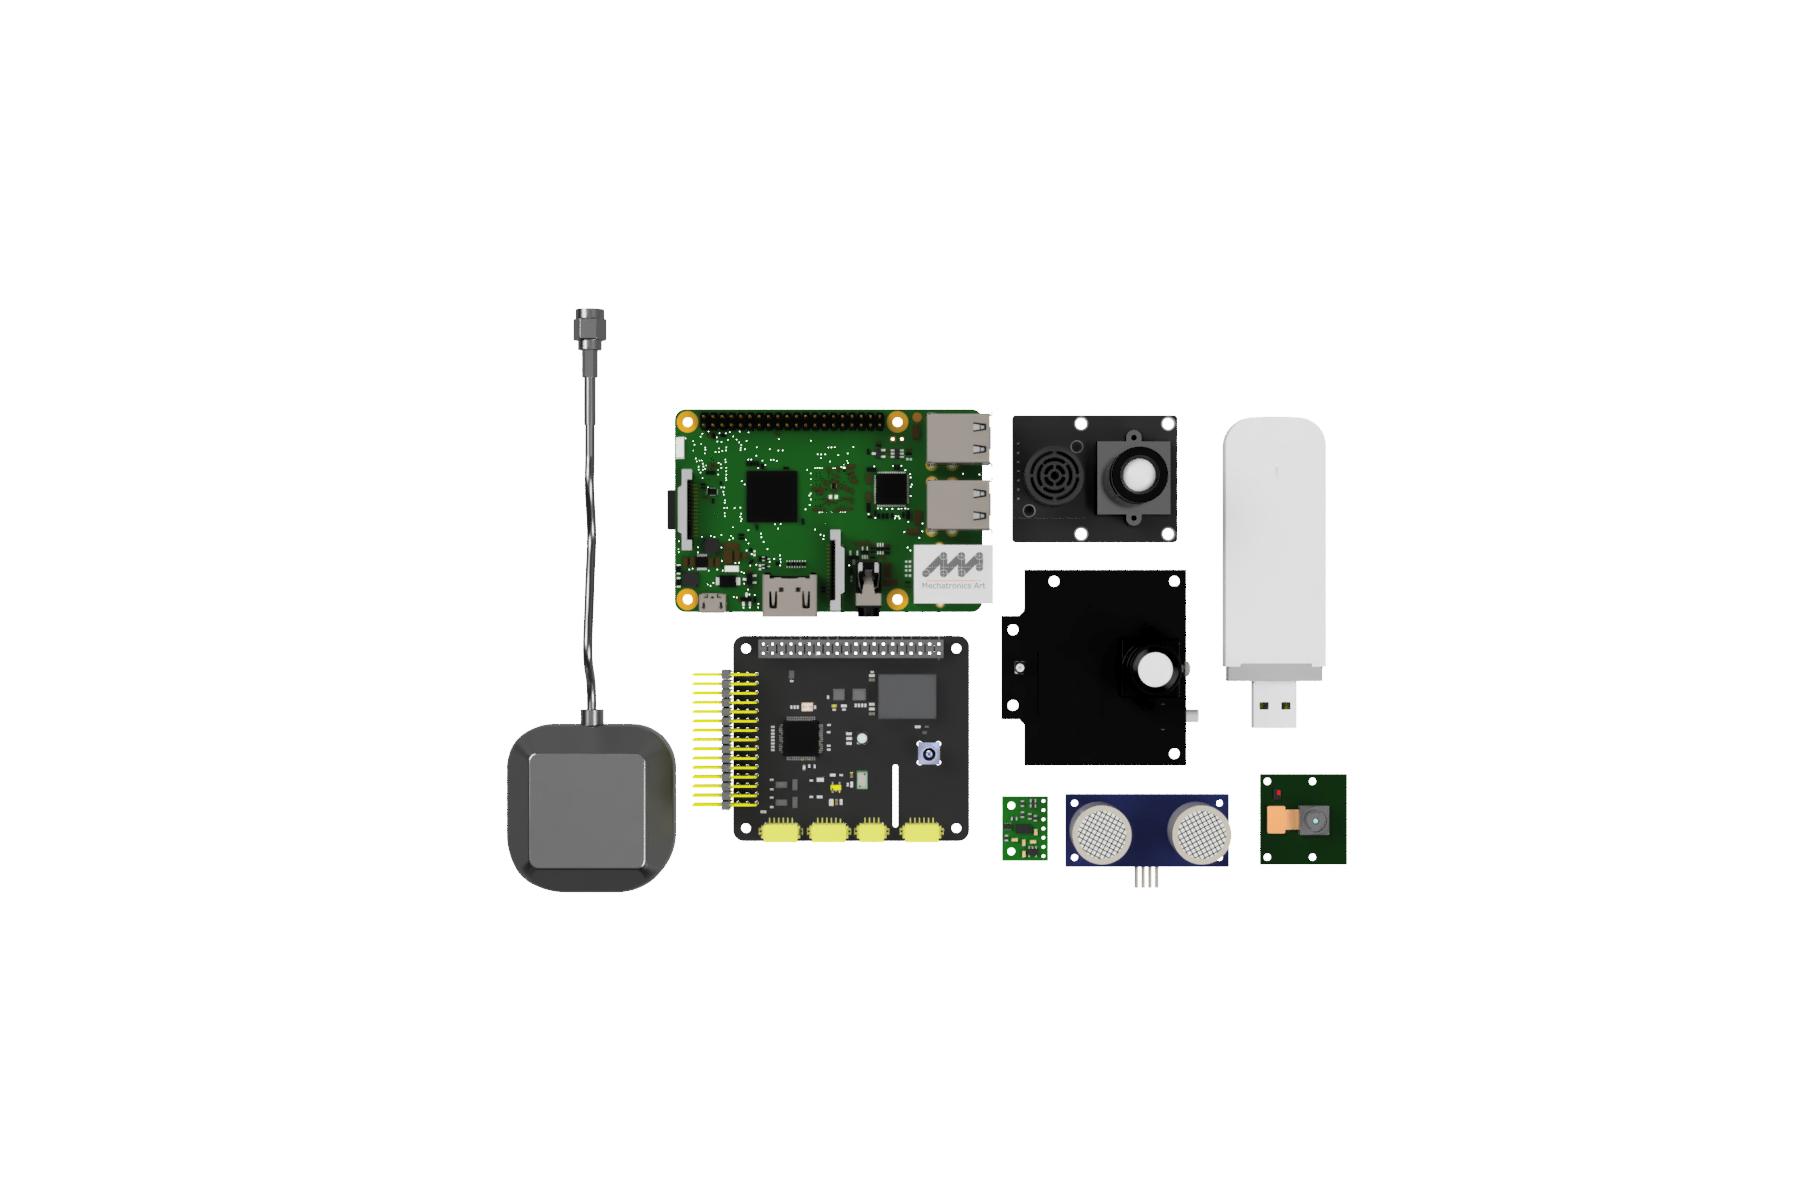 DIY автономный дрон с управлением через интернет - 8